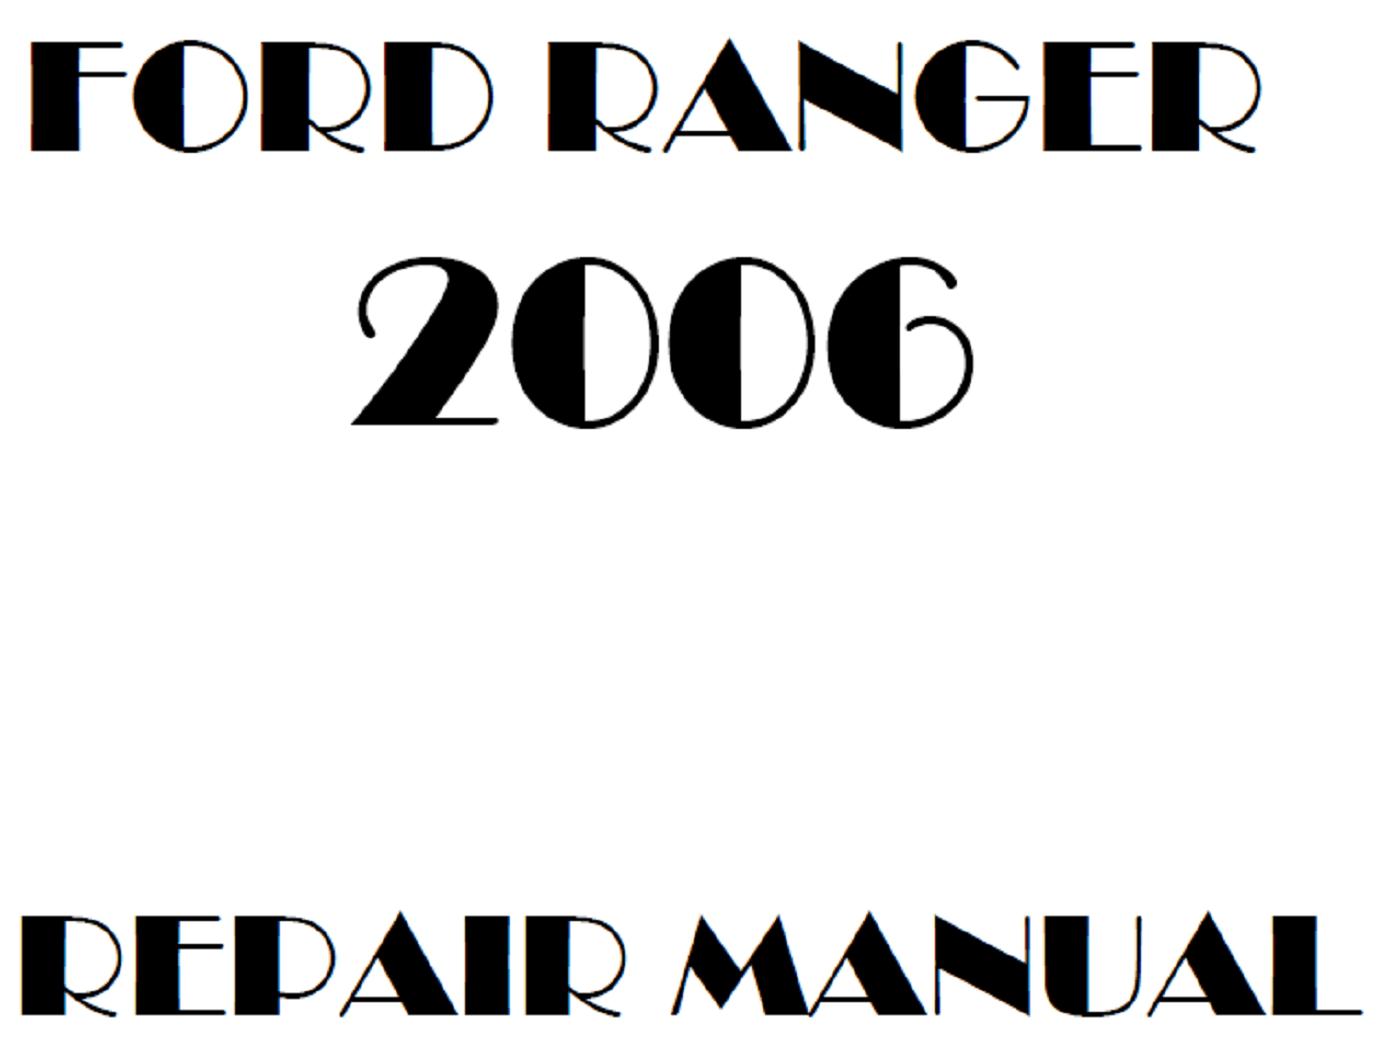 2006 Ford Ranger repair manual